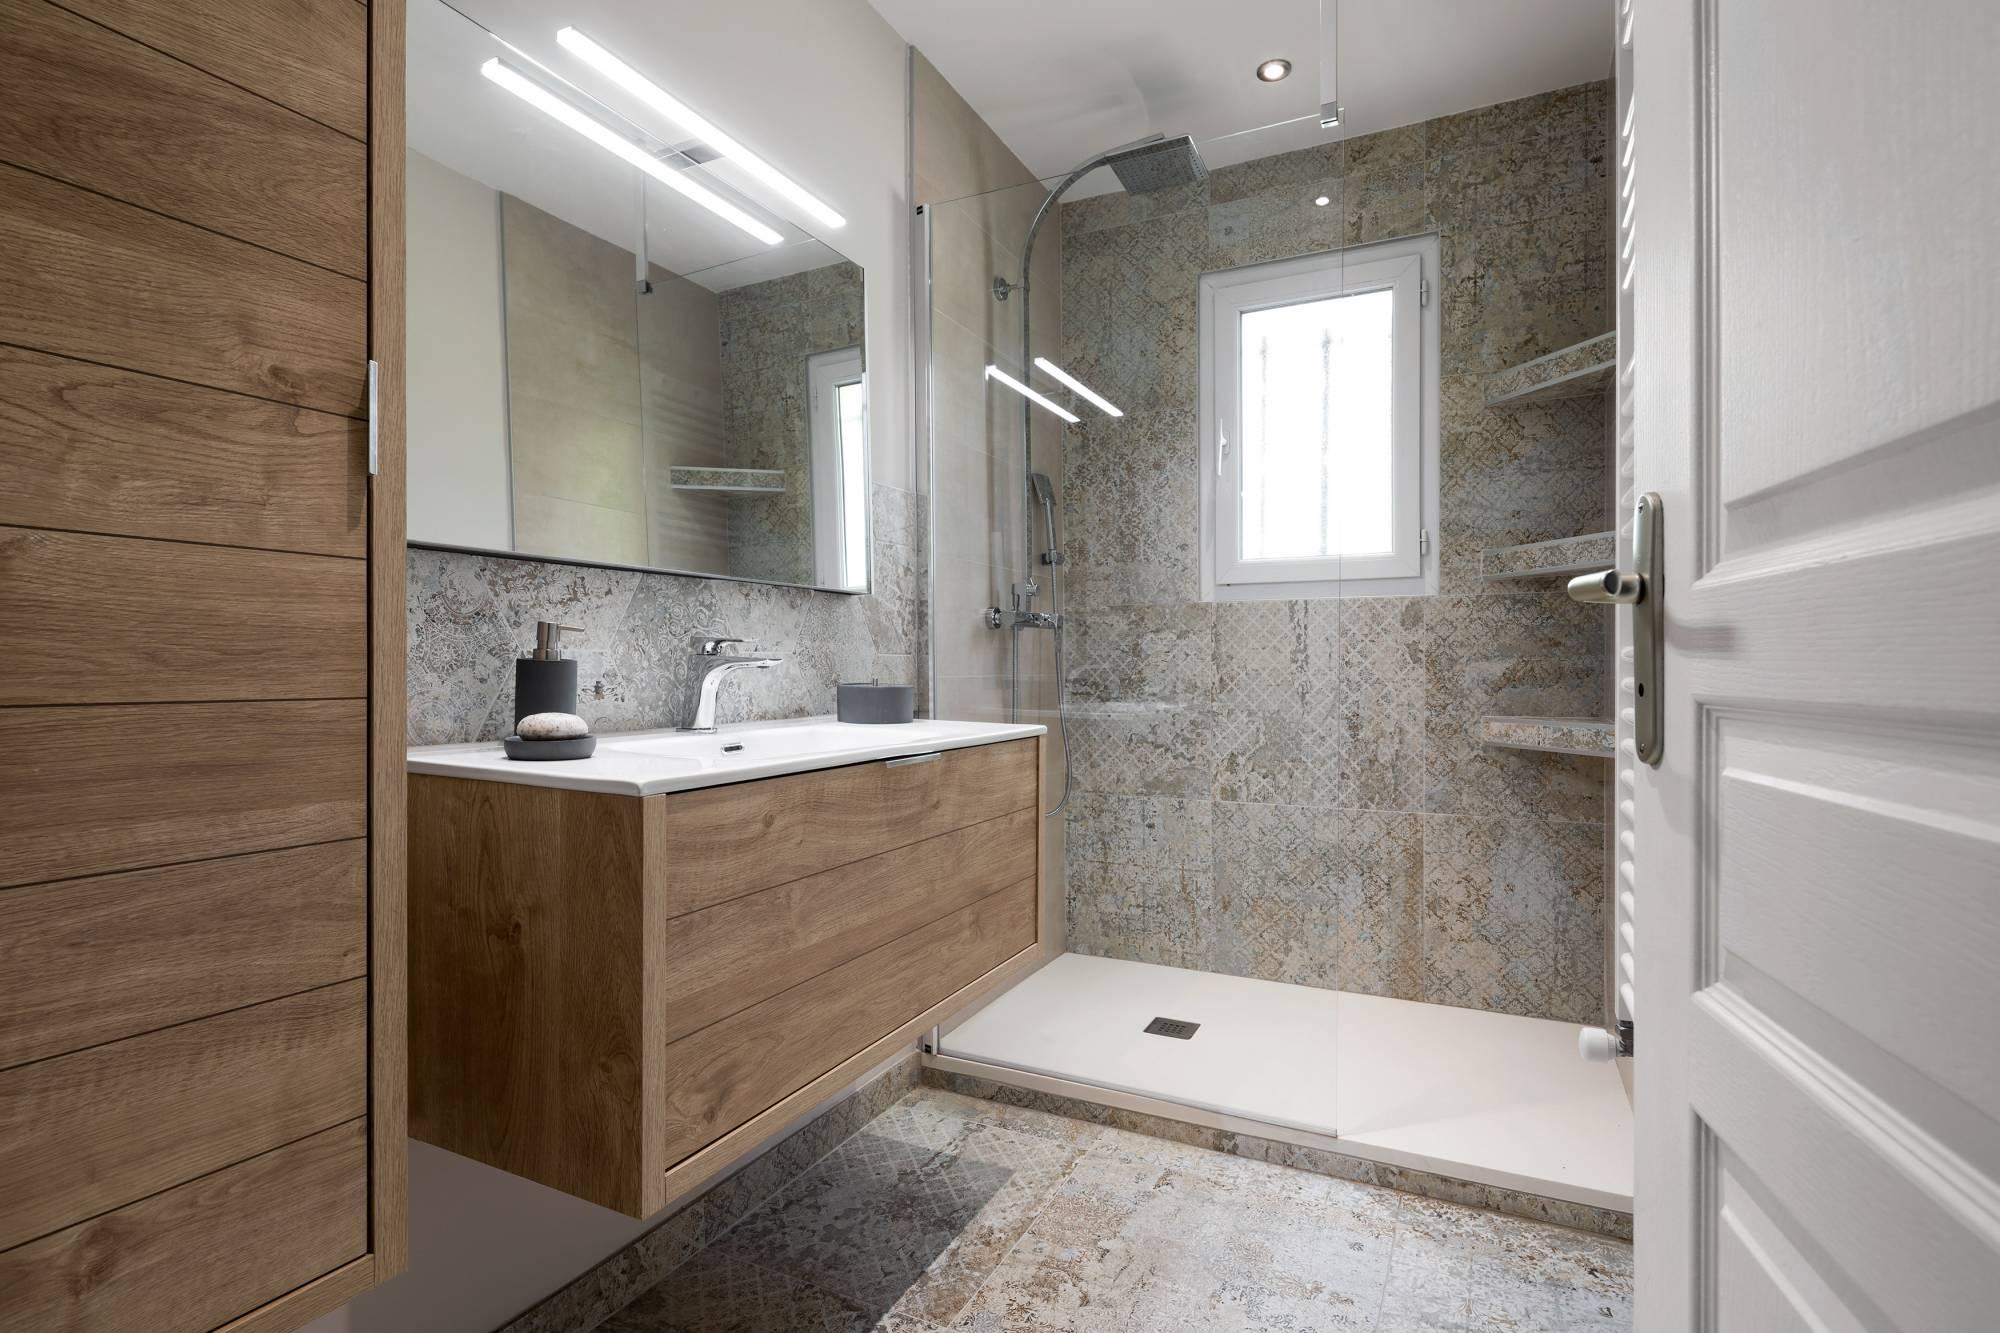 Salle De Bains Deco Entierement Renovee Aix En Provence Carrelage Interieur Et Exterieur A Eguilles Salle Bain Cuisine Et Terrasse